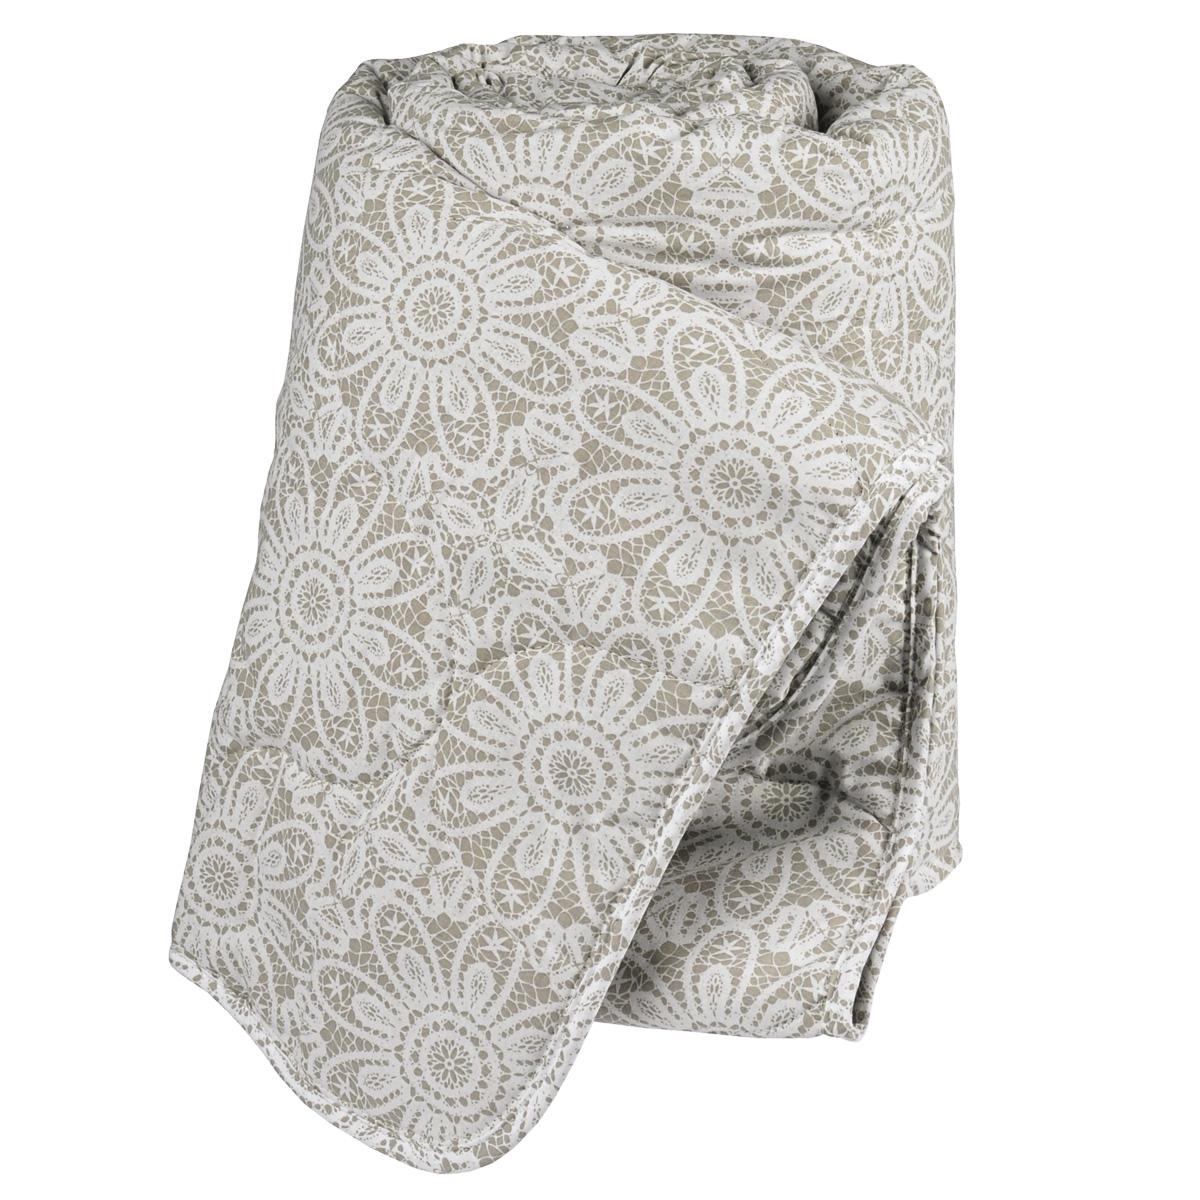 Одеяло Green Line Лен, наполнитель: льняное волокно, 172 х 205 см1.645-370.0Мягкое и комфортное одеяло Green Line Лен подарит вам незабываемое чувство уюта и умиротворения. Чехол выполнен из чистого хлопка. Одеяло поможет создать максимально удобные и благоприятные условия для сладкого сна.Преимущества льняного наполнителя: - имеет эффект активного дыхания, - природный антисептик, - холодит в жару и согревает в холод. Лен полезен для здоровья, обладает положительной энергетикой.Не стирать, не гладить. Размер: 172 см х 205 см.Материал верха: 100% хлопок. Наполнитель: 90% льняное волокно, 10% полиэстер.Масса наполнителя: 300 г/м2.